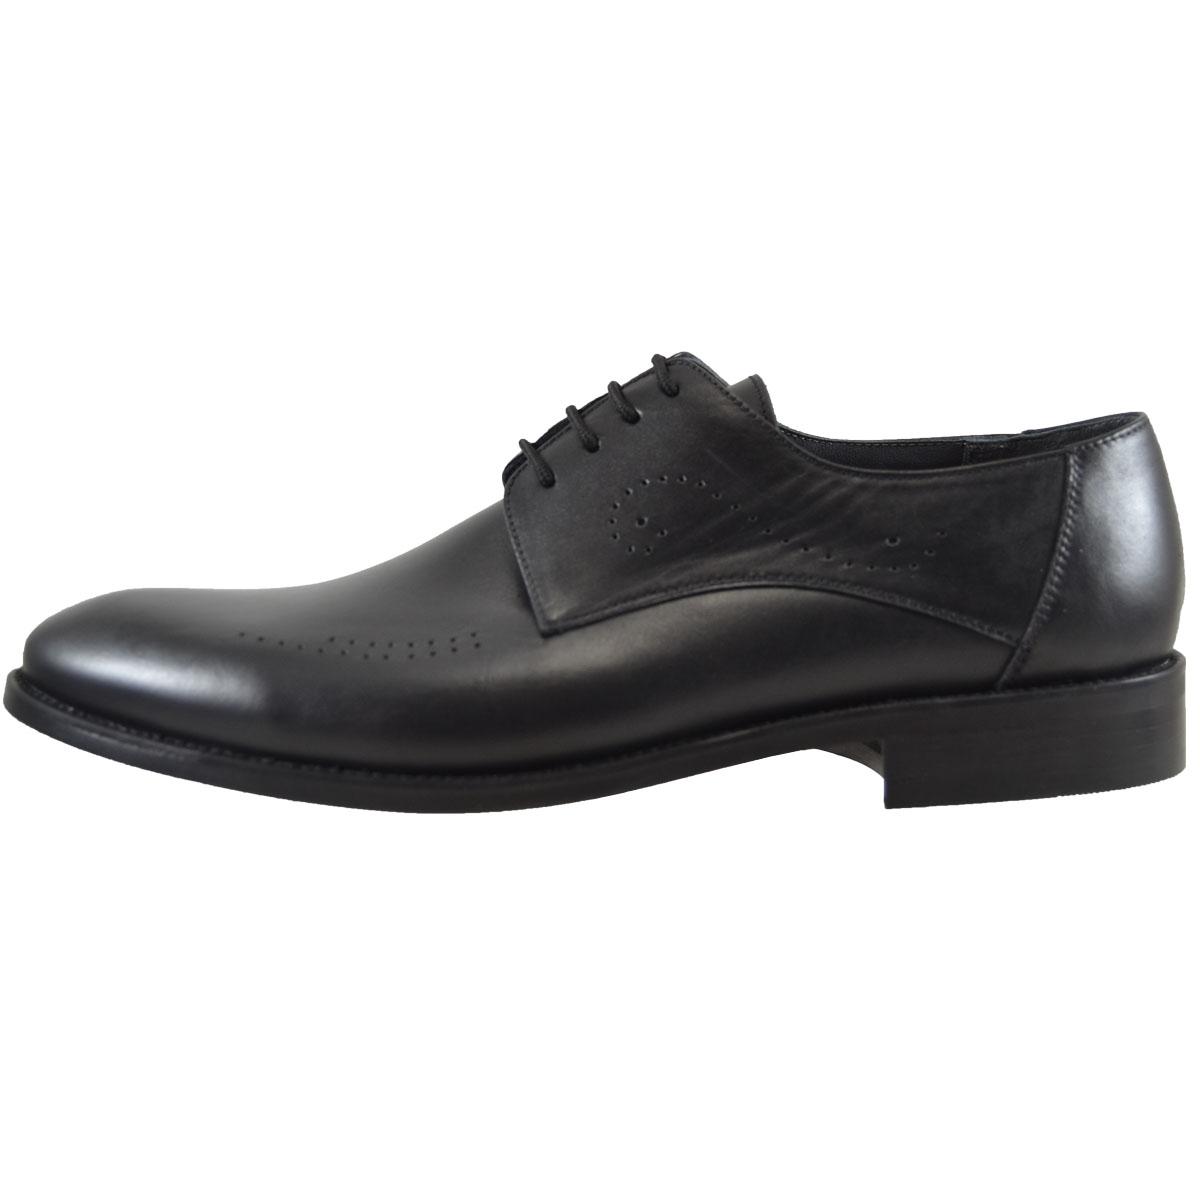 کفش مردانه کد 212             , خرید اینترنتی